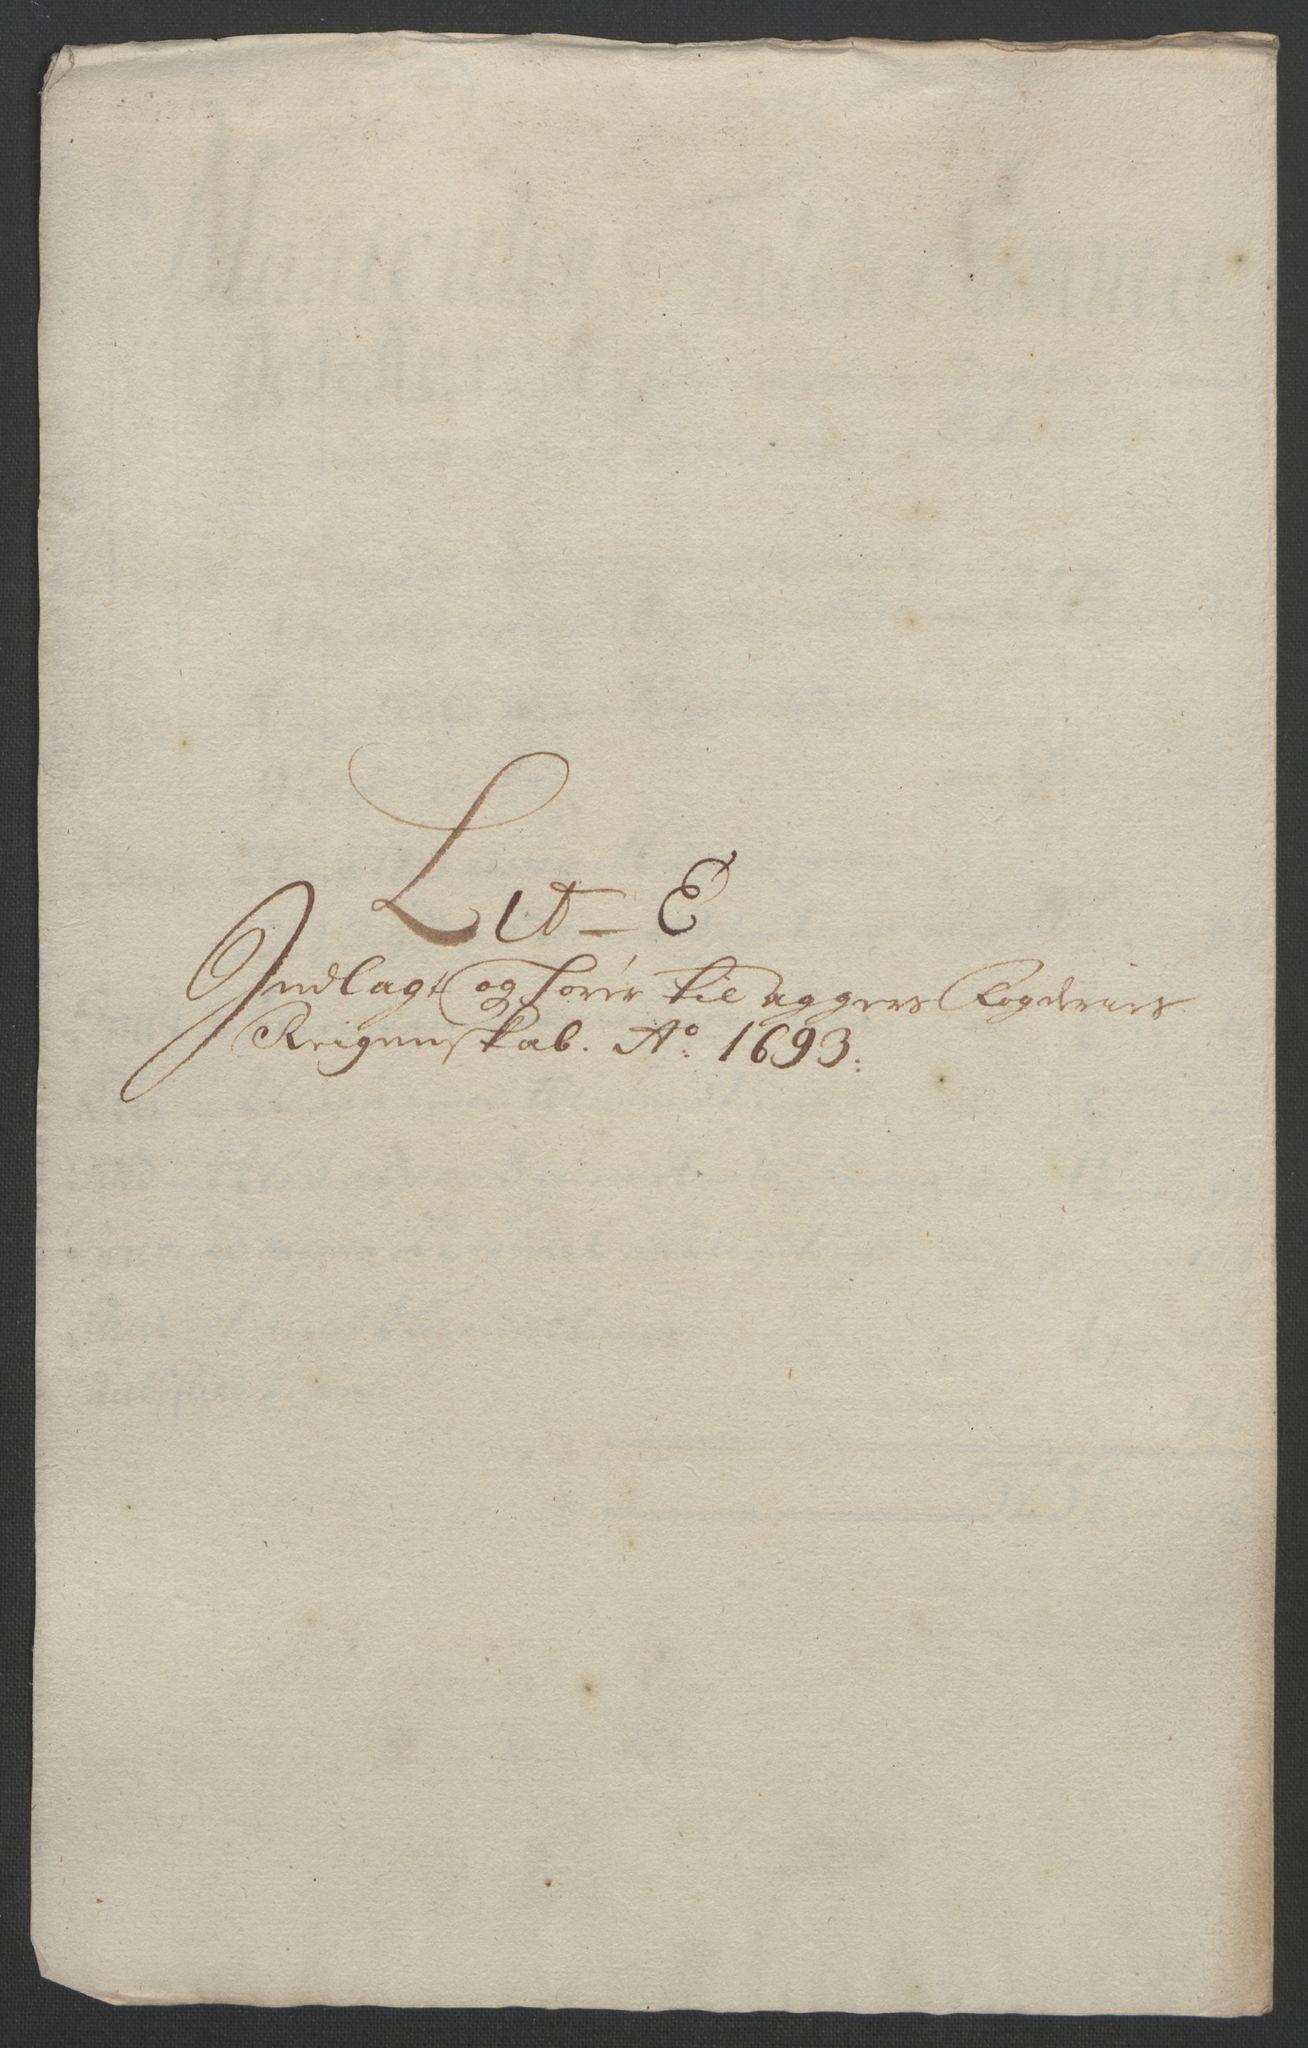 RA, Rentekammeret inntil 1814, Reviderte regnskaper, Fogderegnskap, R08/L0426: Fogderegnskap Aker, 1692-1693, s. 339